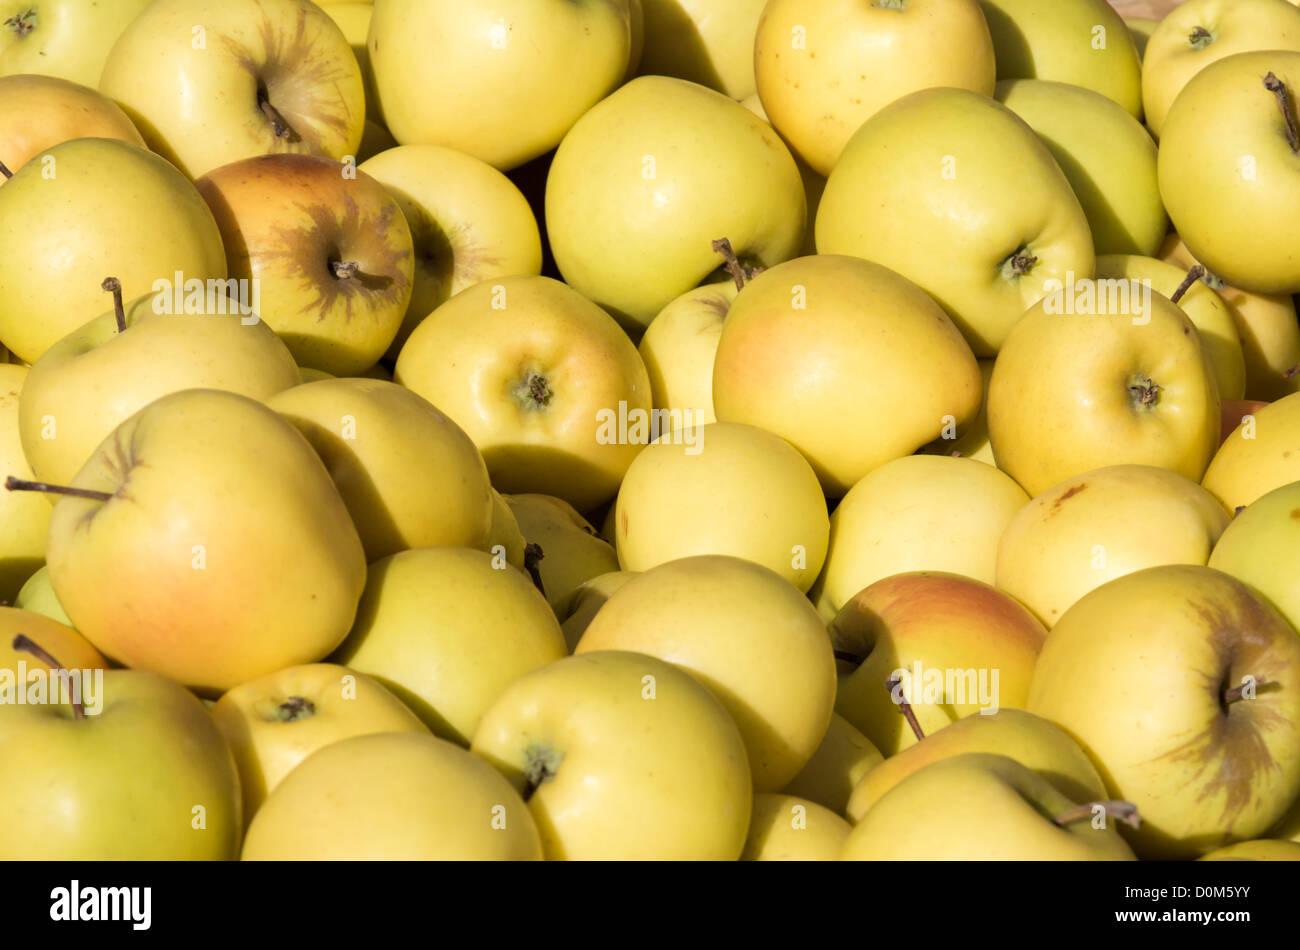 Frisch geerntete Golden Delicious Äpfel auf dem Display auf dem Markt Stockbild